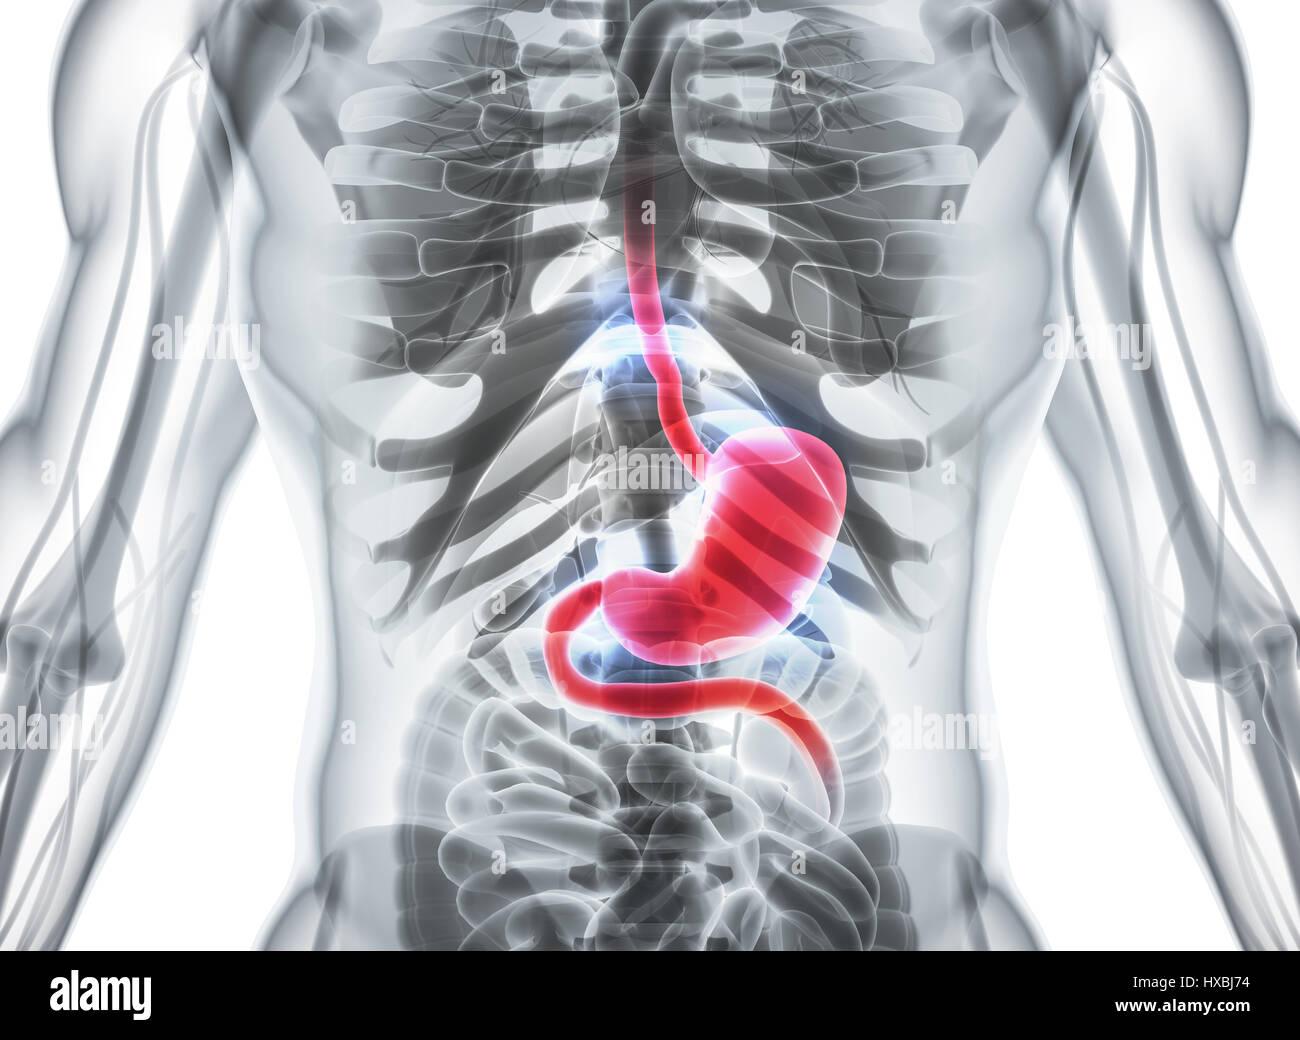 Nett Verdauungssystem Anatomie Ppt Zeitgenössisch - Anatomie Von ...